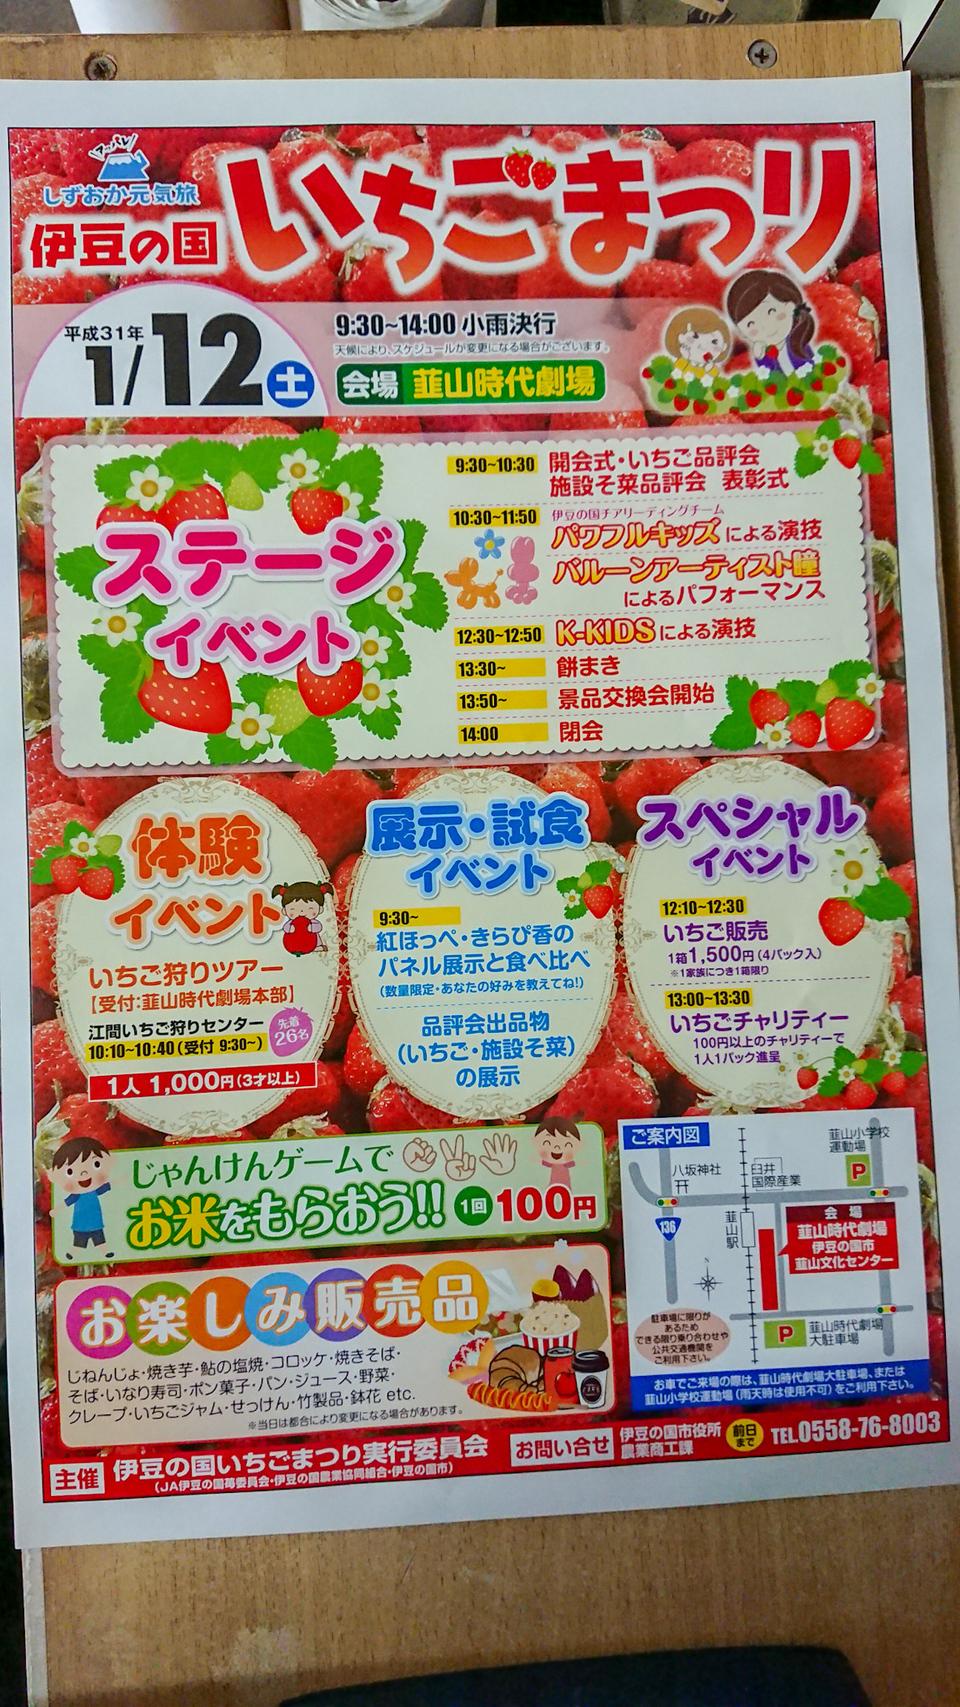 伊豆の国いちご祭り